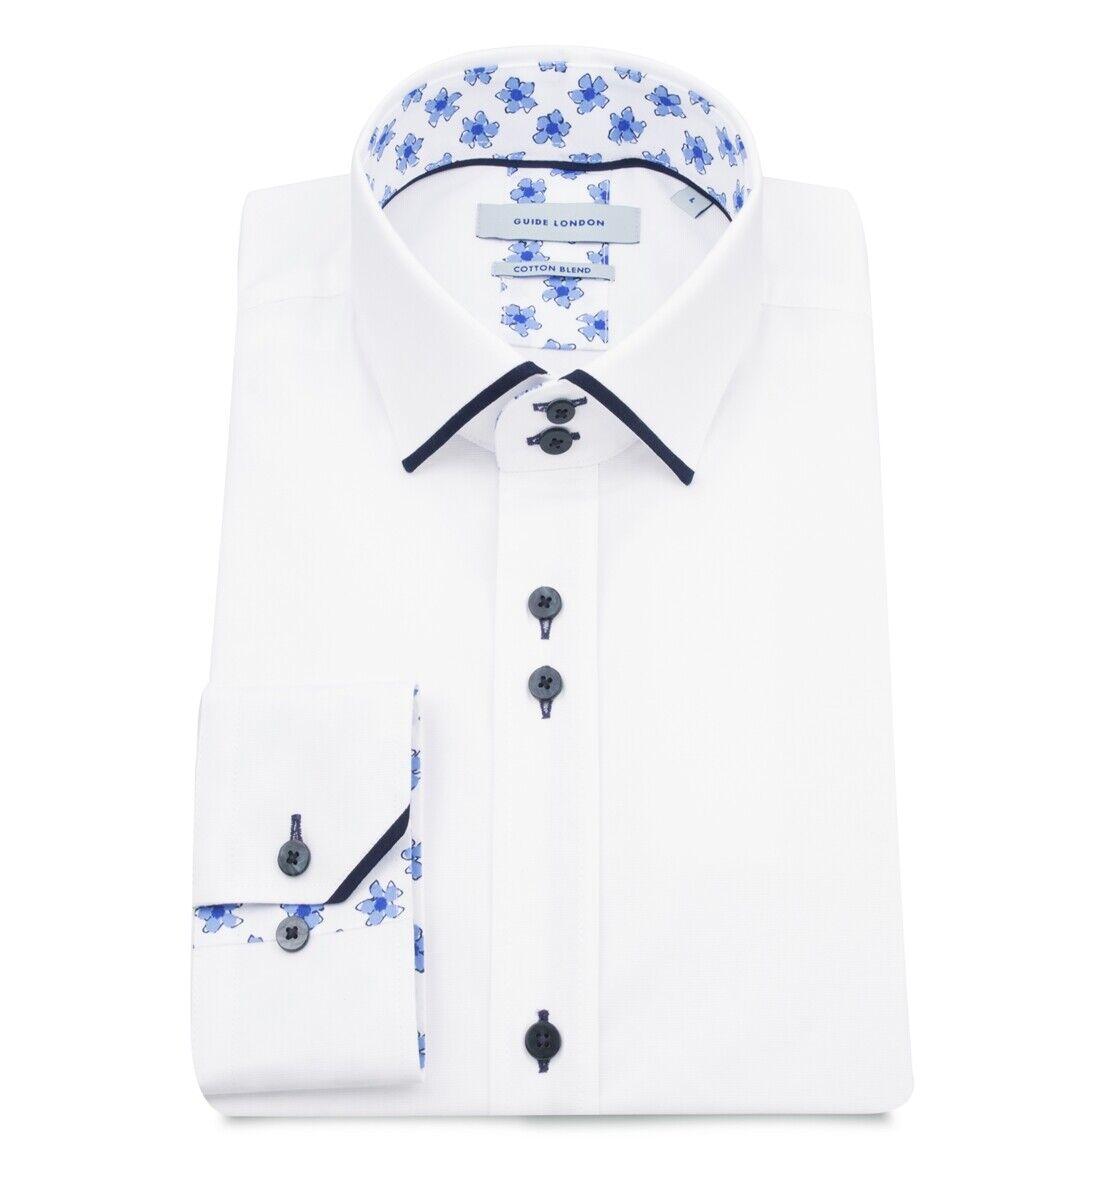 Guía Londres blancoo Azul Camisa De Algodón Mezcla Liso  detallado-LS75065  Entrega rápida y envío gratis en todos los pedidos.